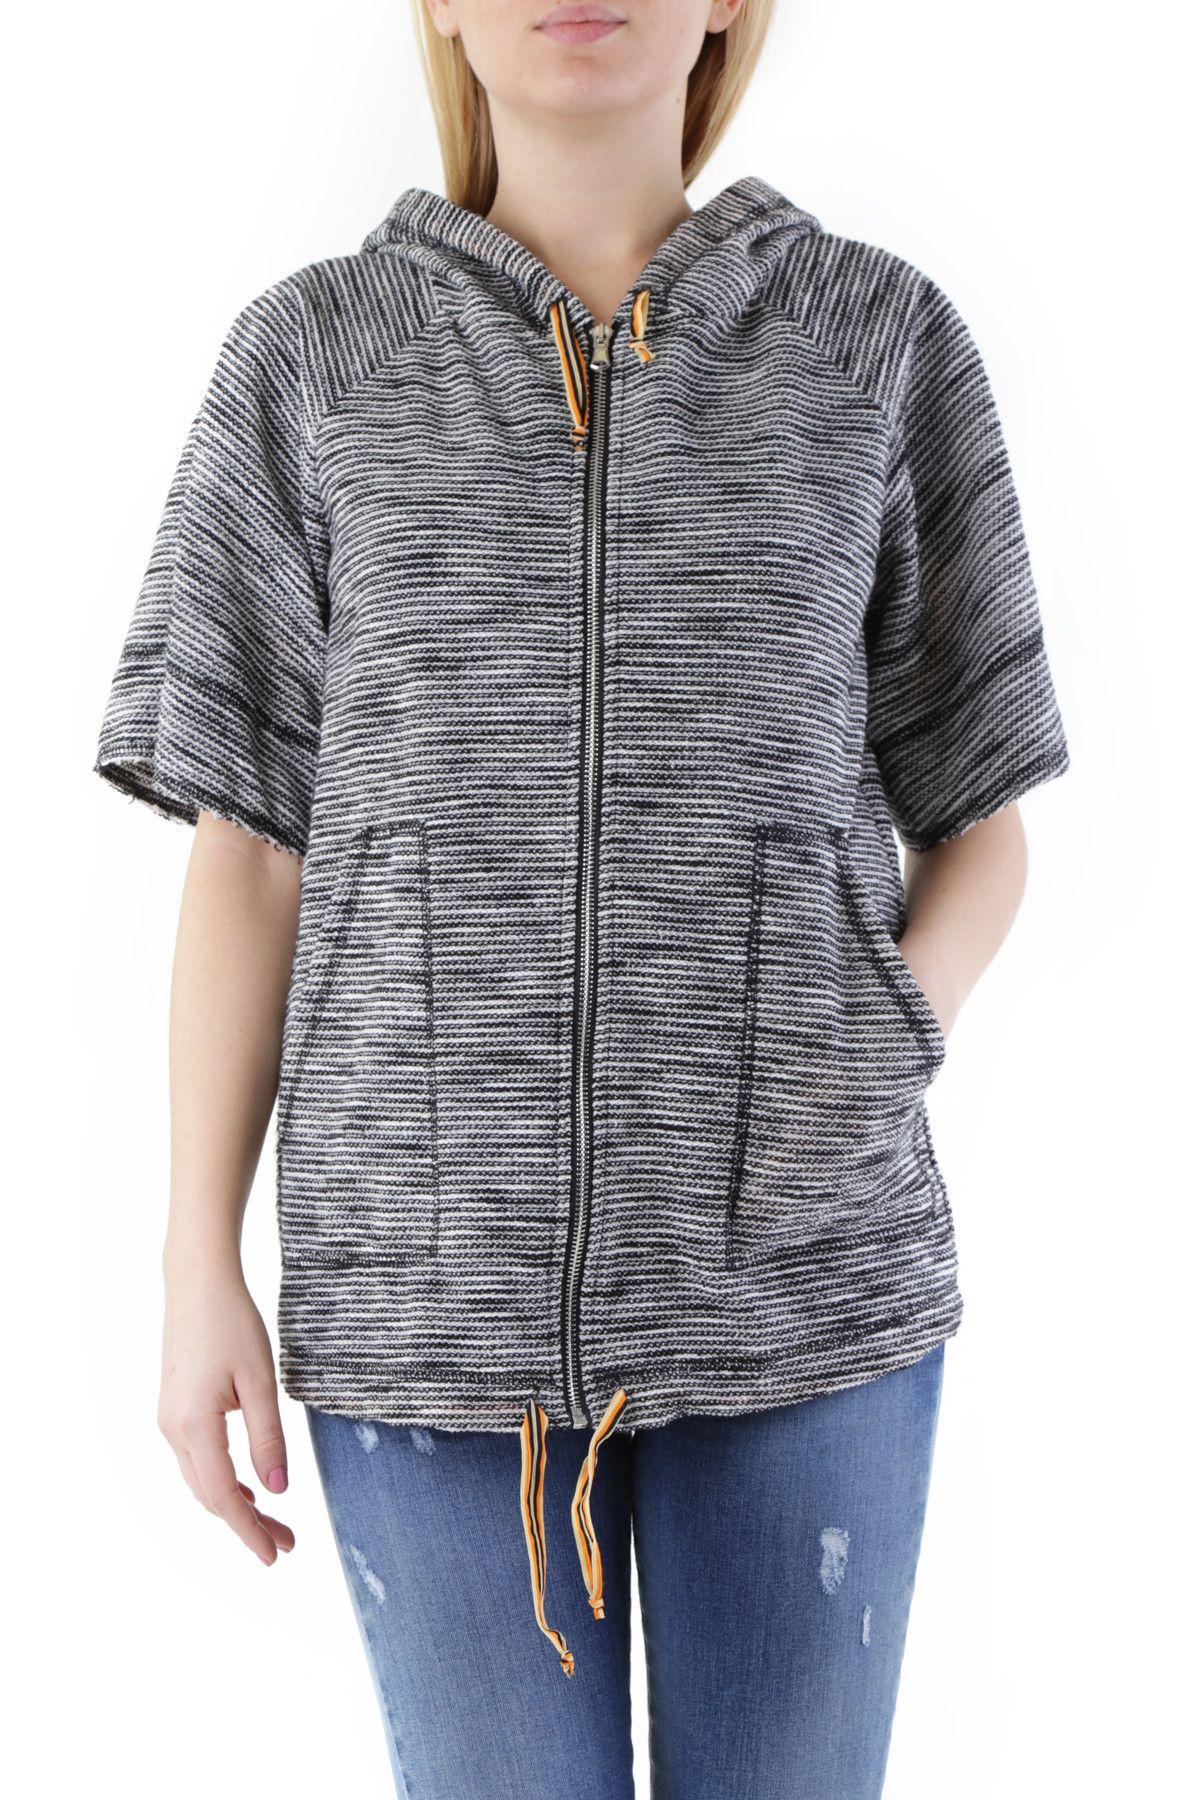 Olivia Hops Women's Sweatshirt In Grey